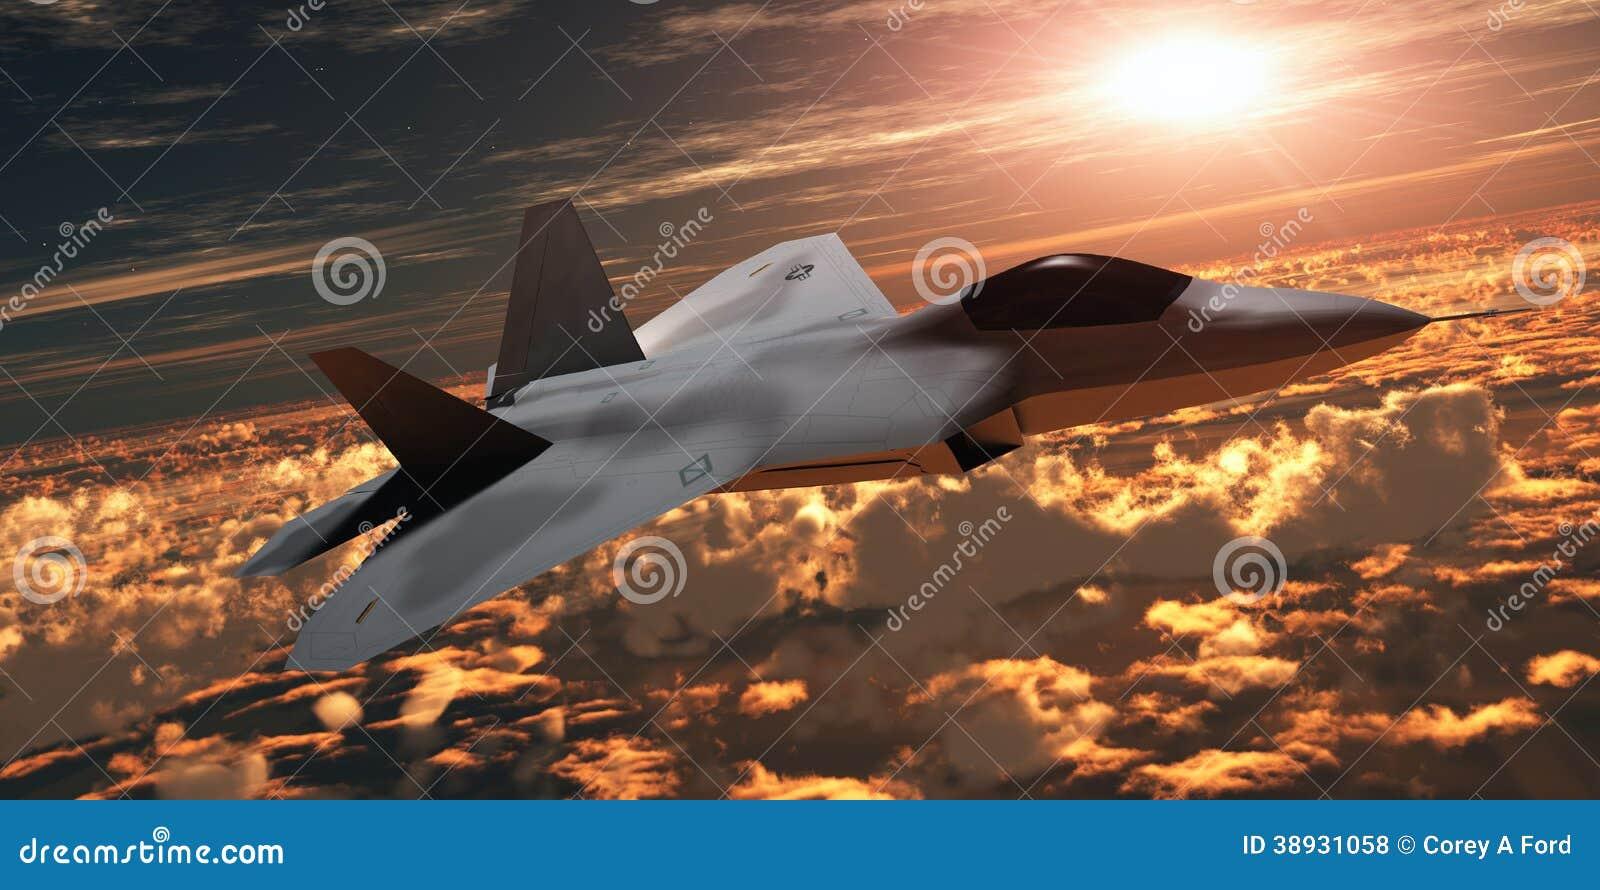 Aereo Da Caccia F 22 Raptor : Aereo da caccia f al tramonto illustrazione di stock